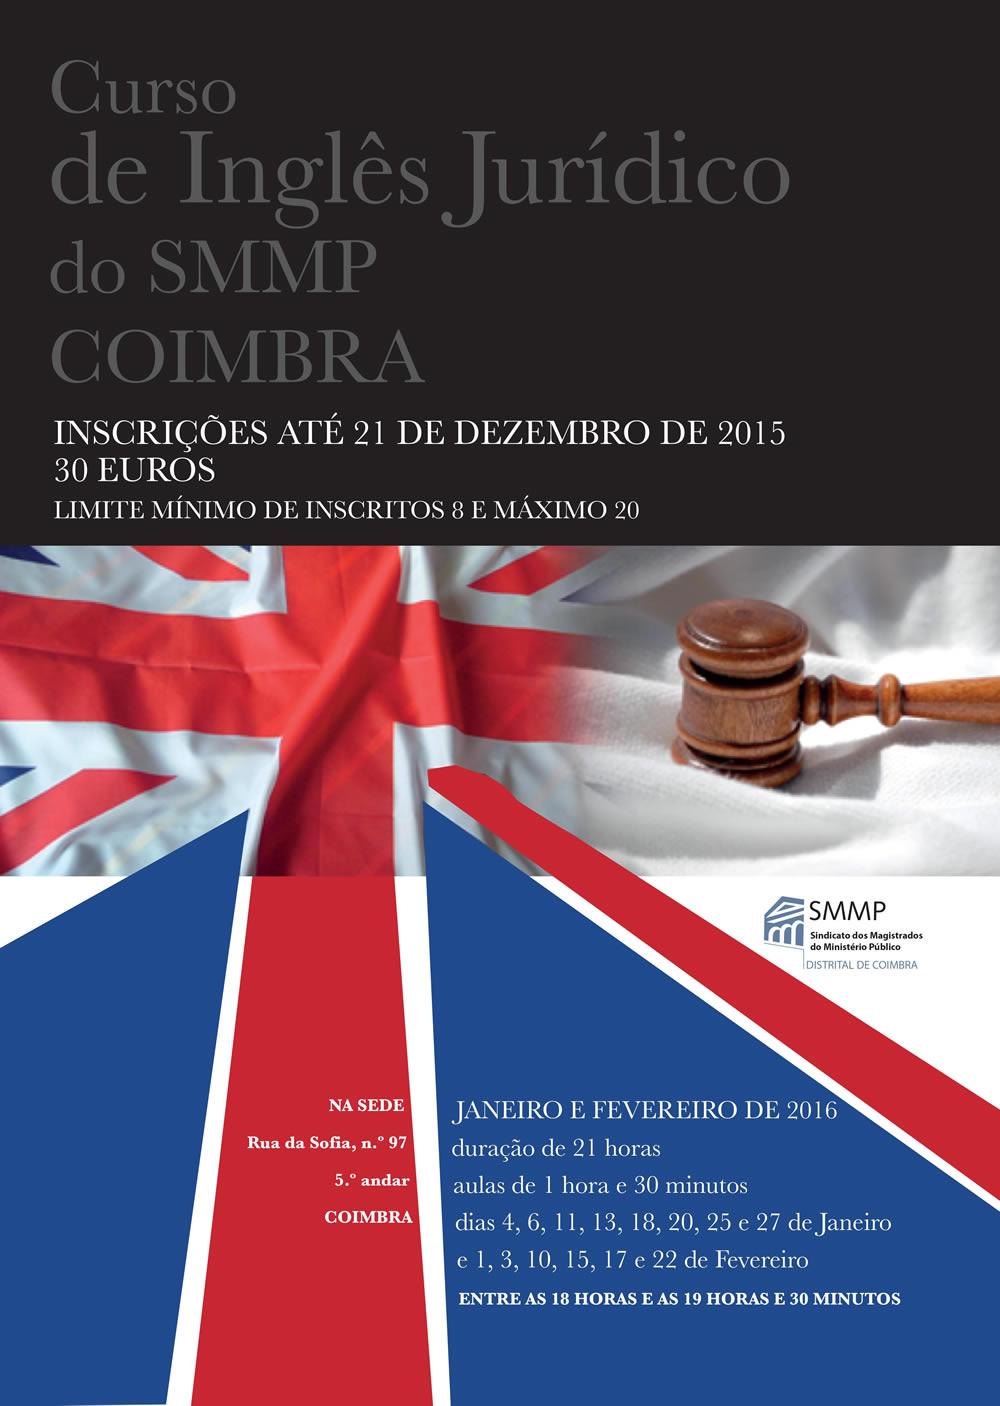 Curso de Inglês Jurídico do SMMP Coimbra